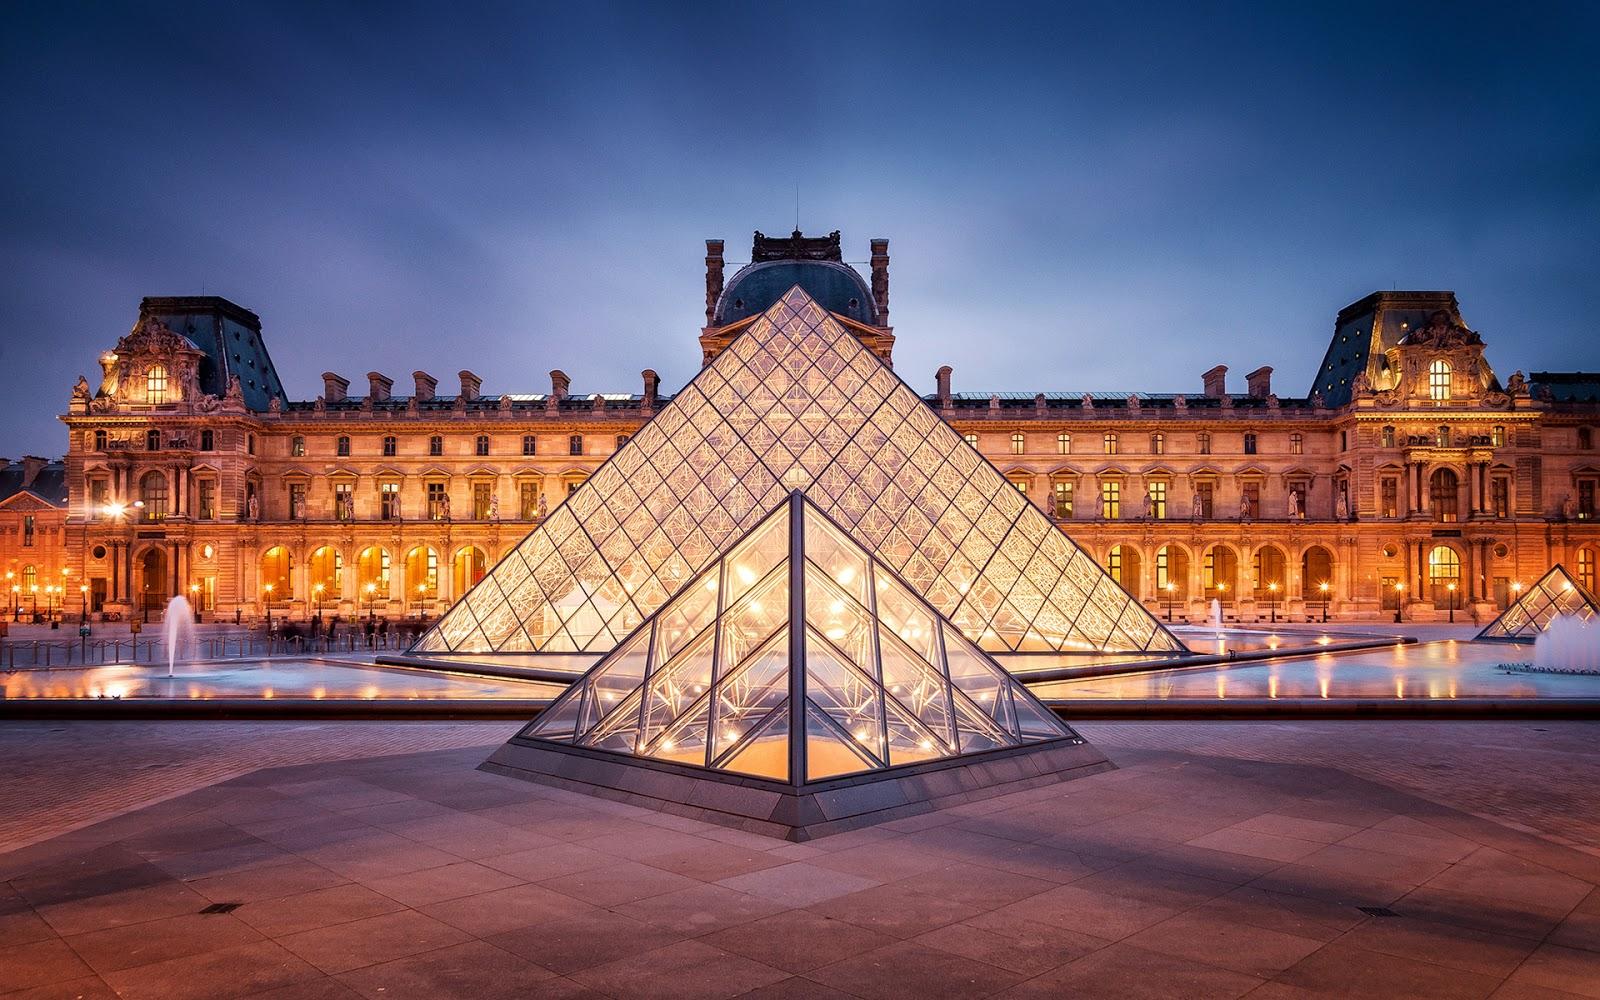 I musei? Sono essenziali a Londra, Parigi, Madrid. In Italia no